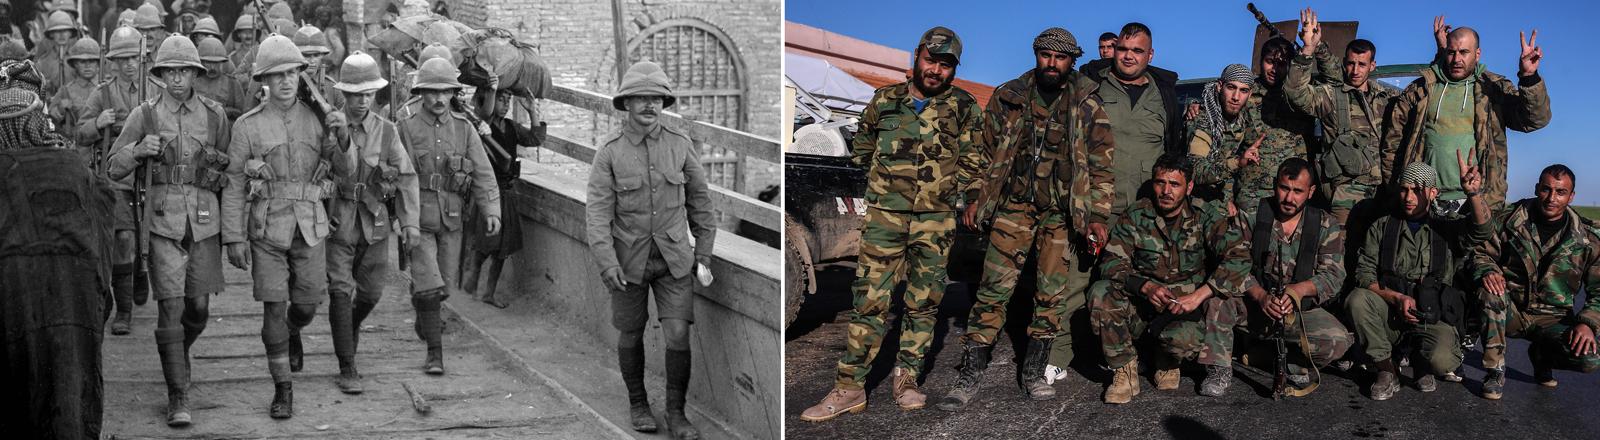 Britische Soldaten 1916 und syrische Soldaten 2016.